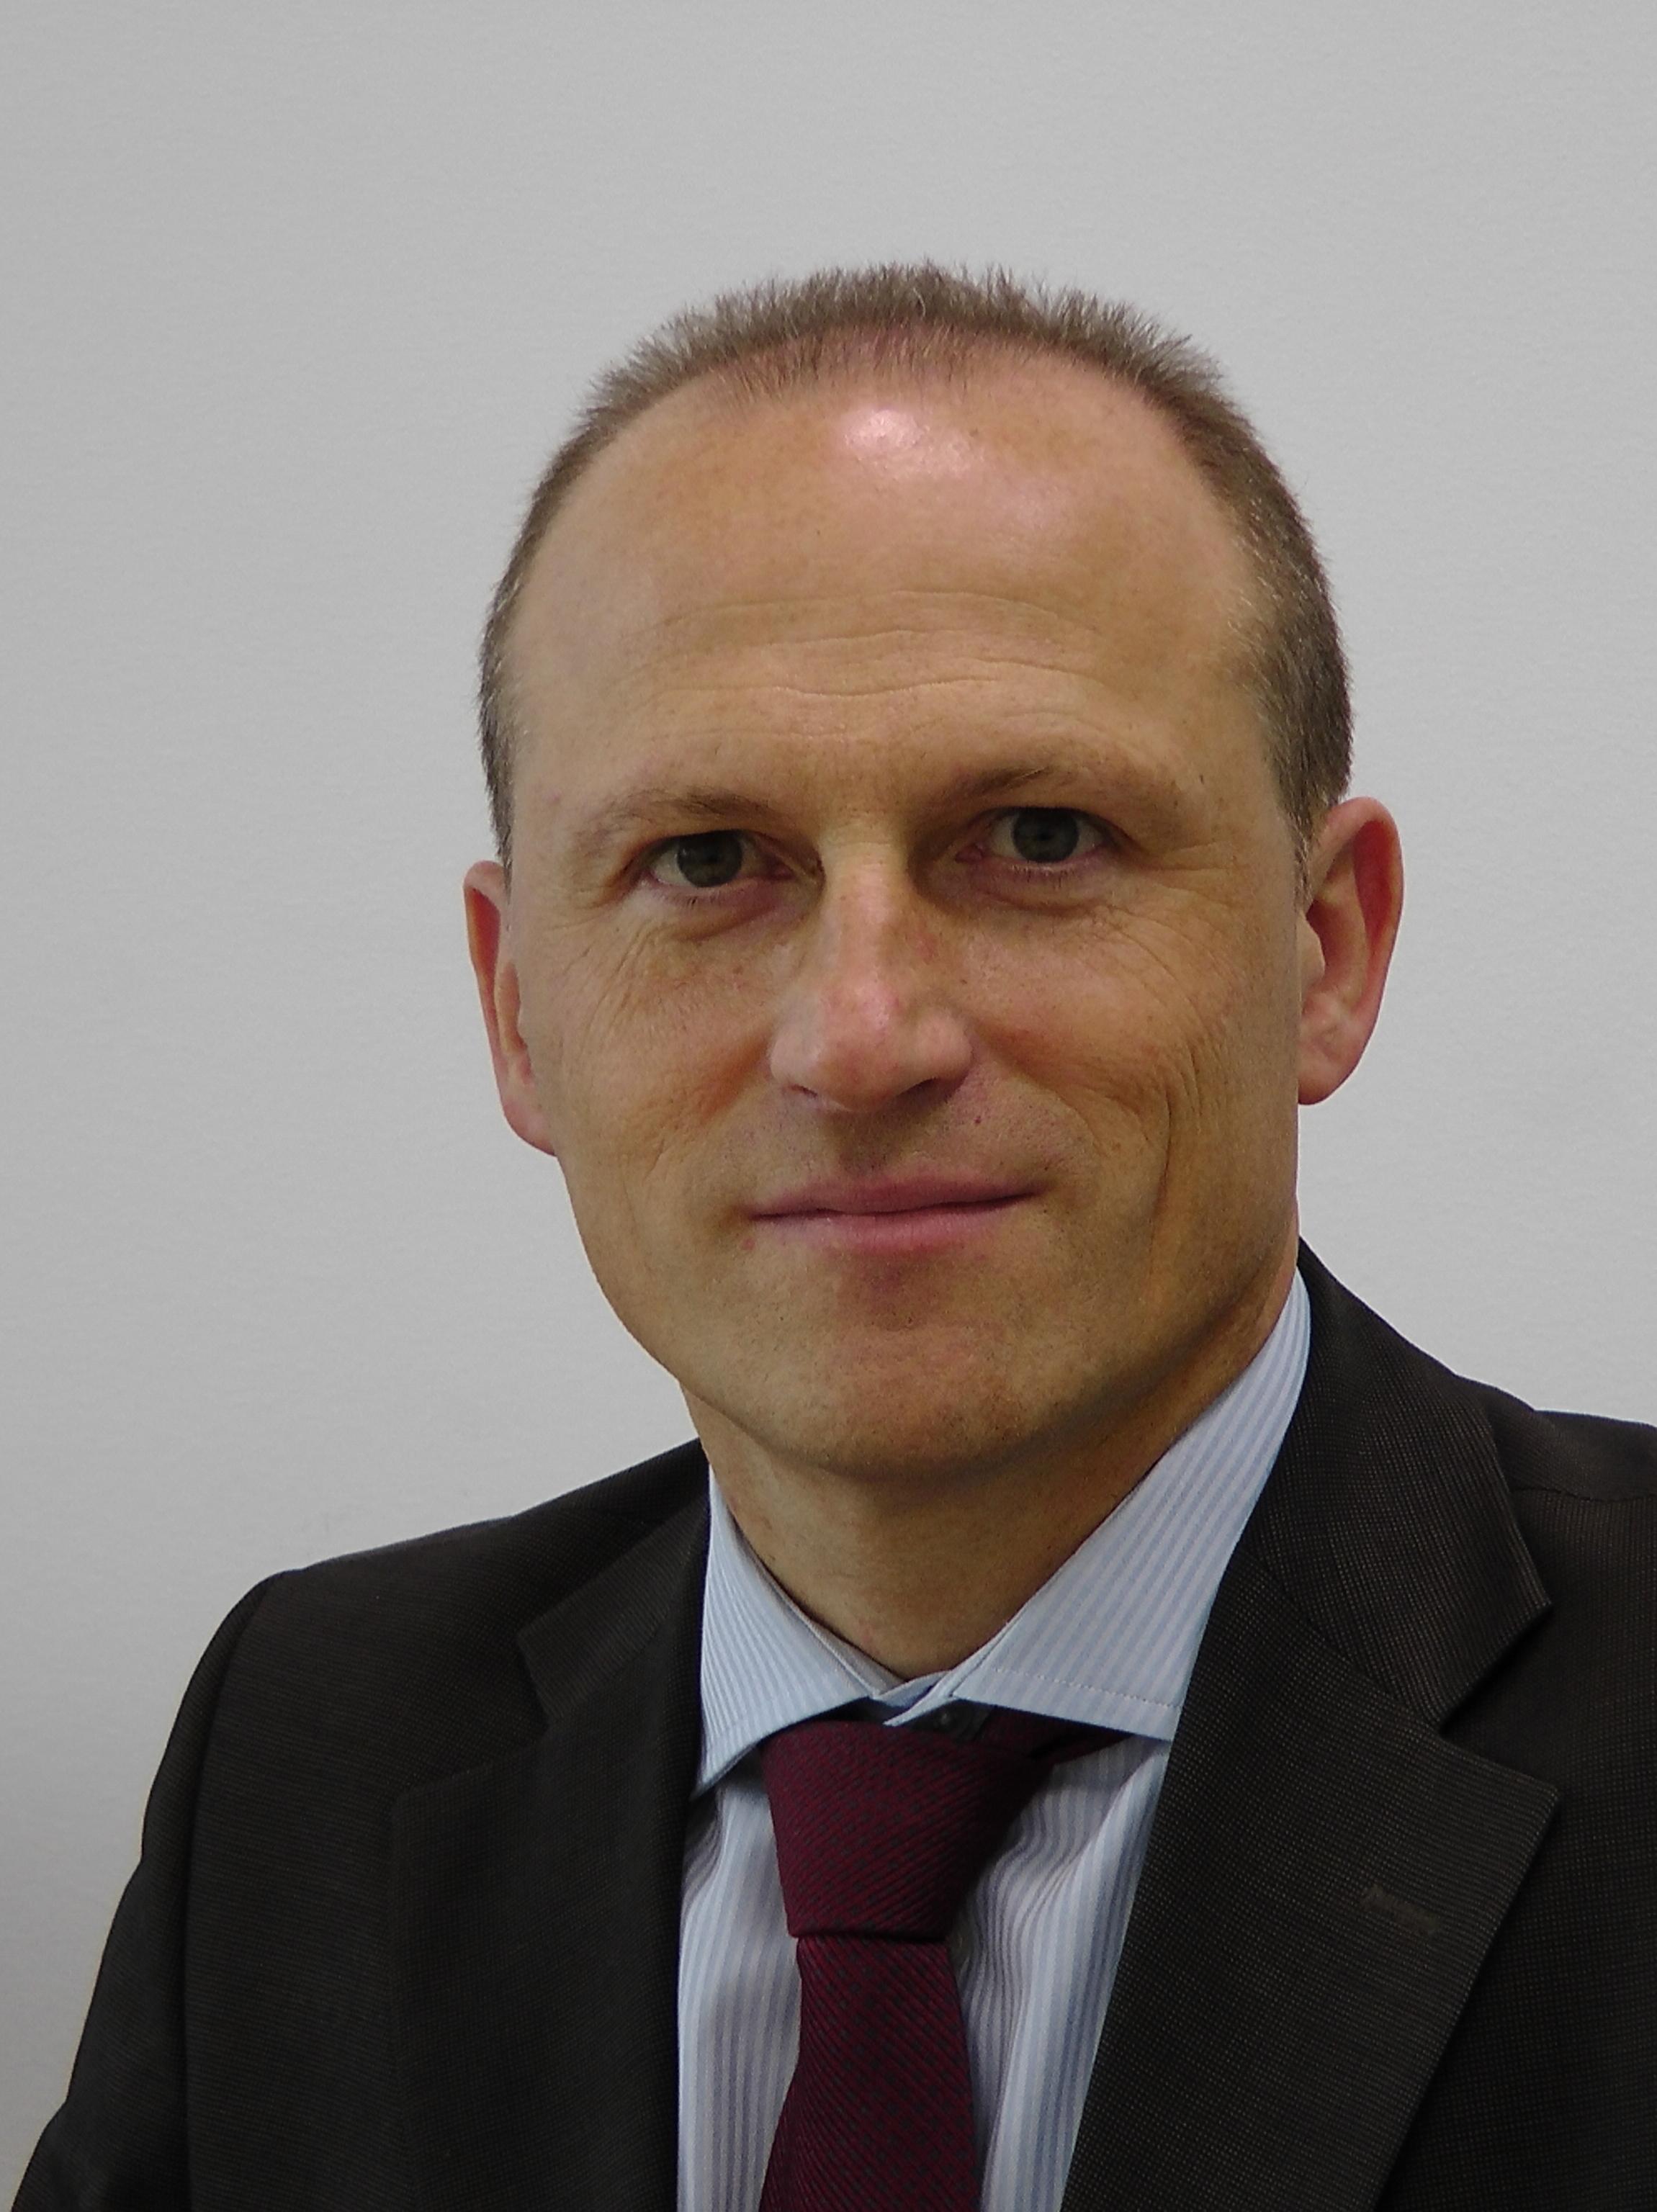 Alberto Giacometti, Head of ITS Line of Business IT Services della divisione marketing & communication di Ricoh  Italia